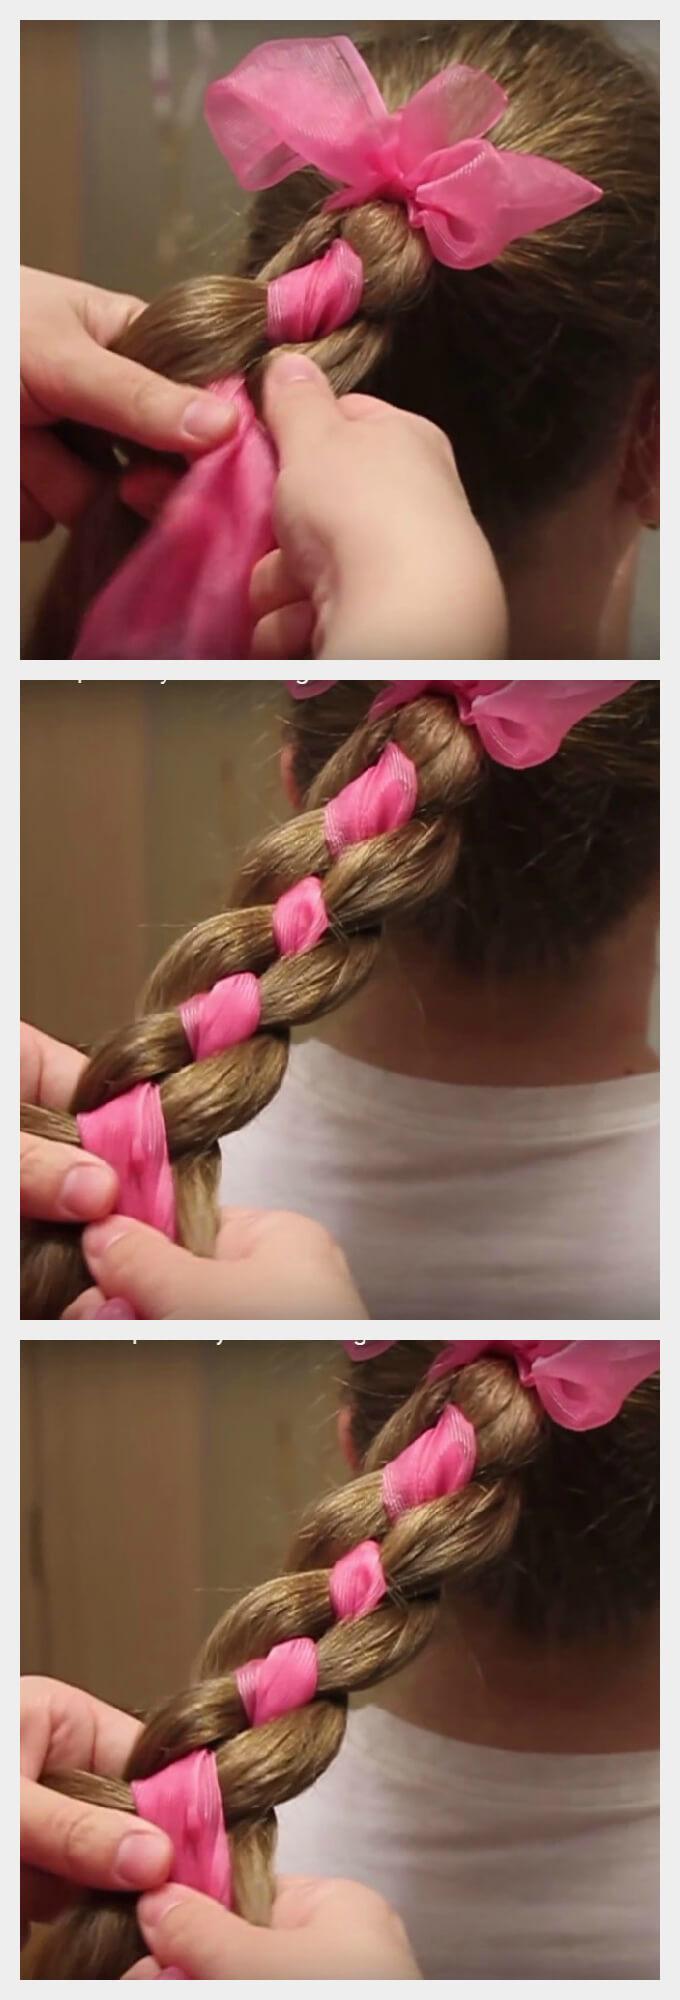 Пошаговые инструкции модных причесок. Плетем косу 47